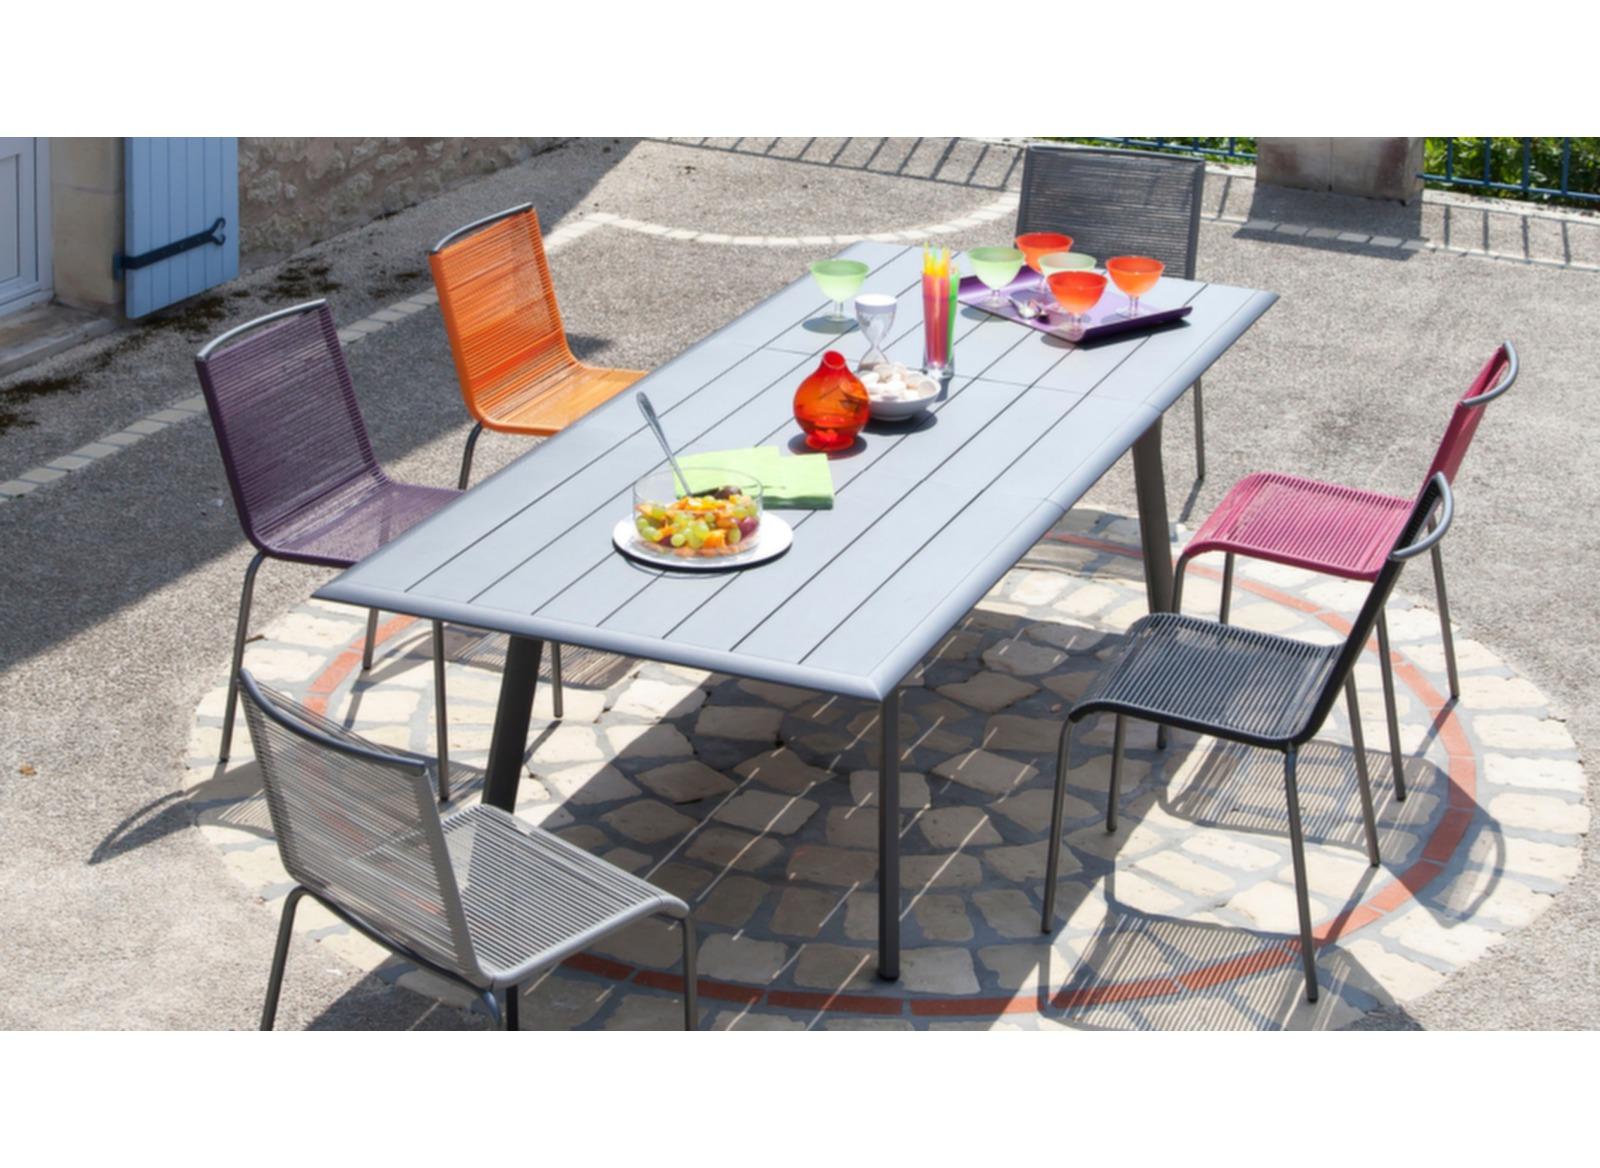 polo chaise empilable acier fils polypro taupe gris soldes meubles de jardin pour le repas. Black Bedroom Furniture Sets. Home Design Ideas